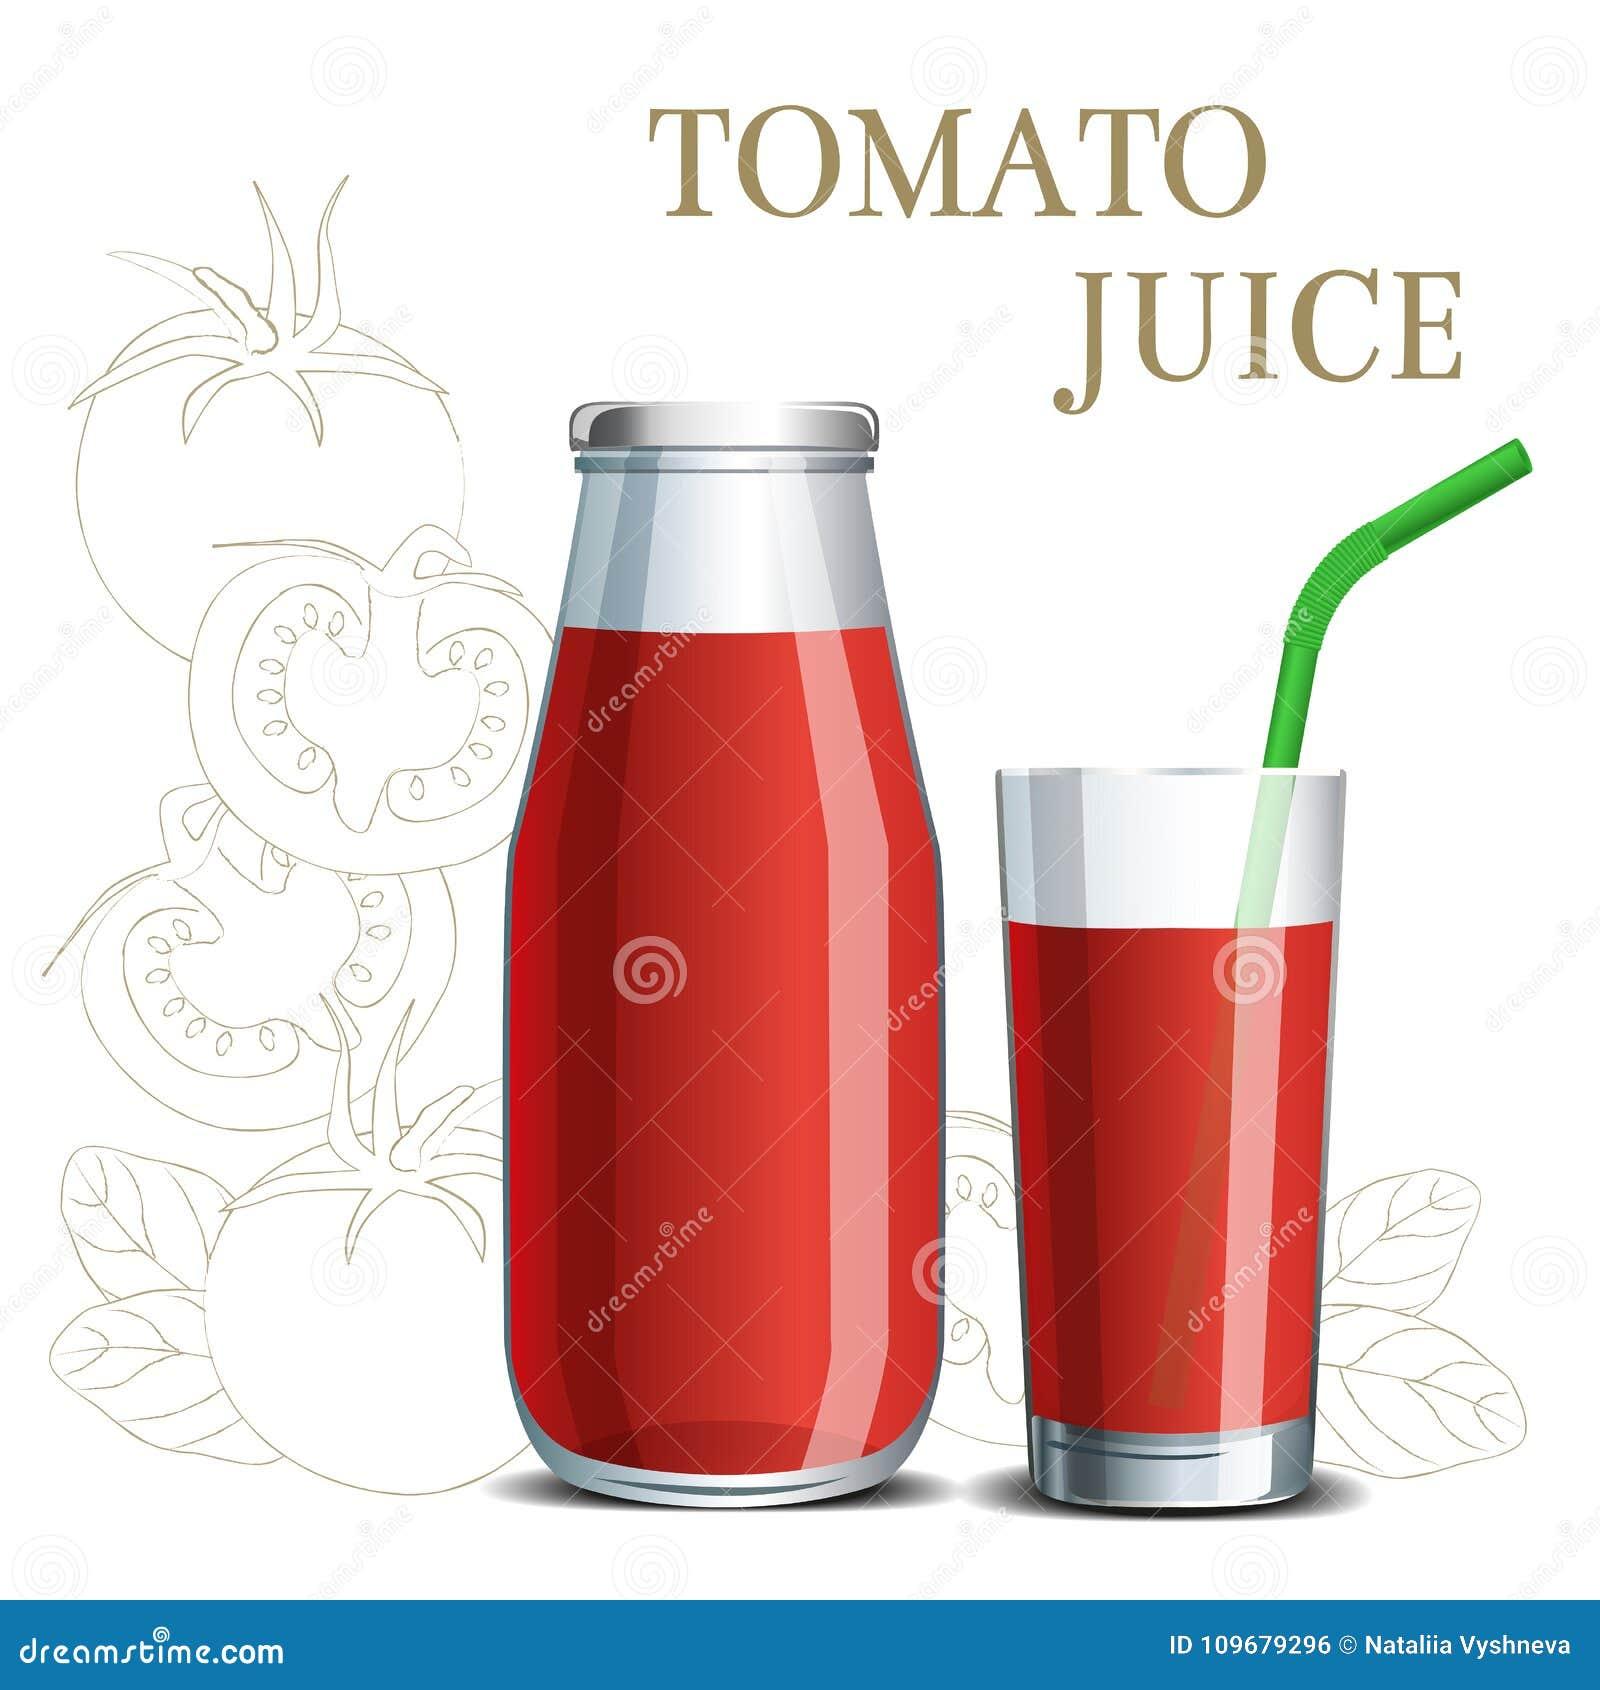 Jugo de tomate realista en un tarro y un vidrio